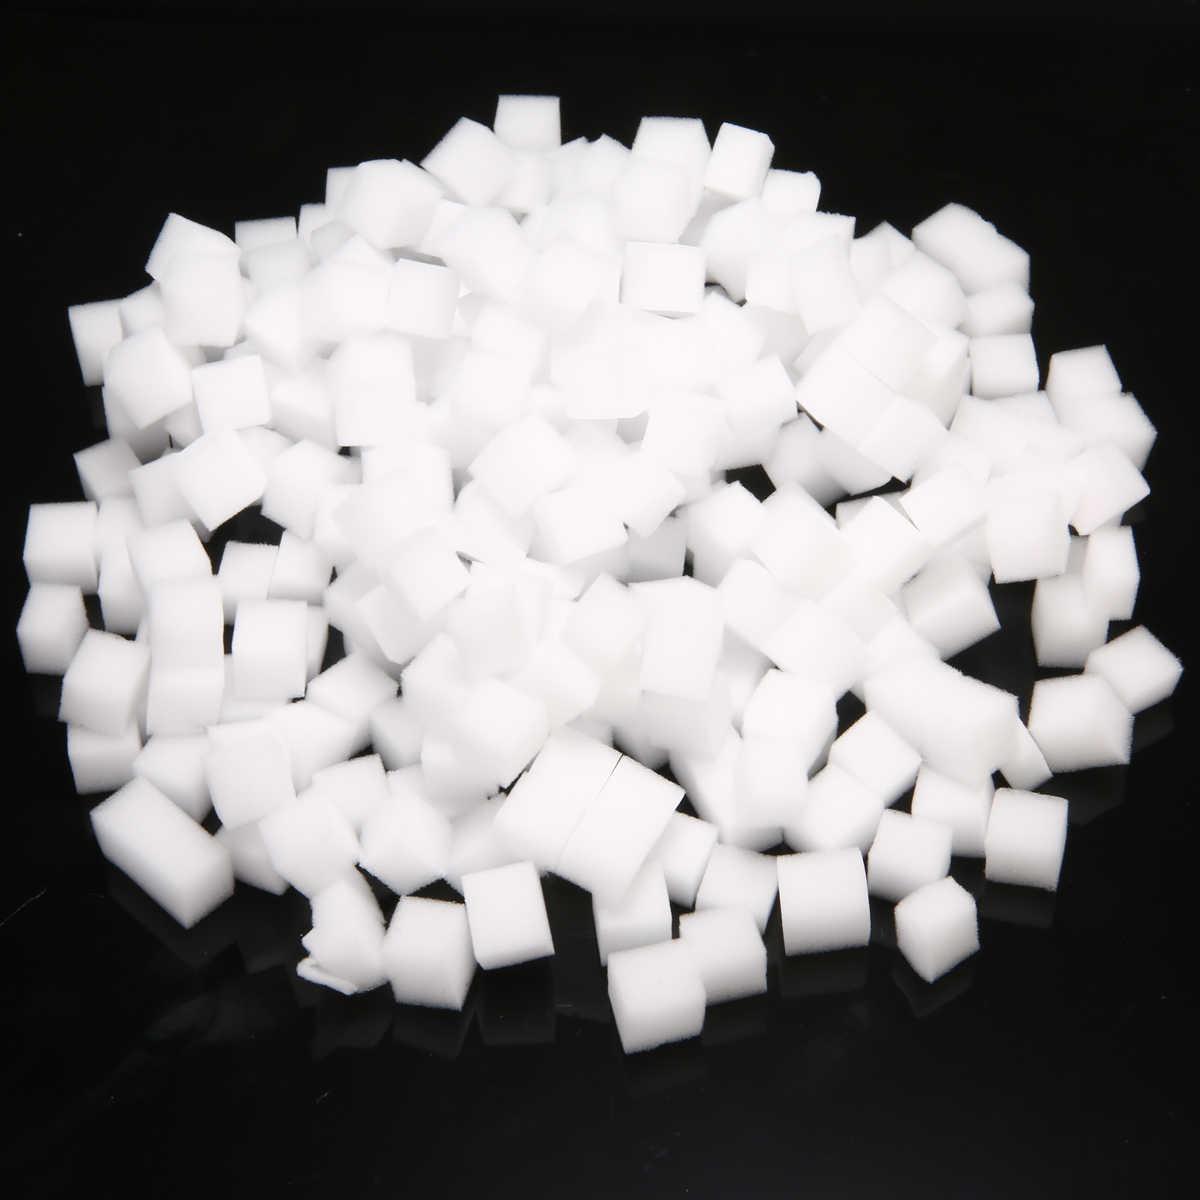 500 Gam/túi 10*10 Mm Mô Phỏng Thạch Hình Khối Cho DIY Chất Nhờn/Thạch Lập Phương Trong Suốt Chất Nhờn Đồ Chơi Bé Gái Hàng Thủ Công tự Làm Đồ Chơi Chất Liệu